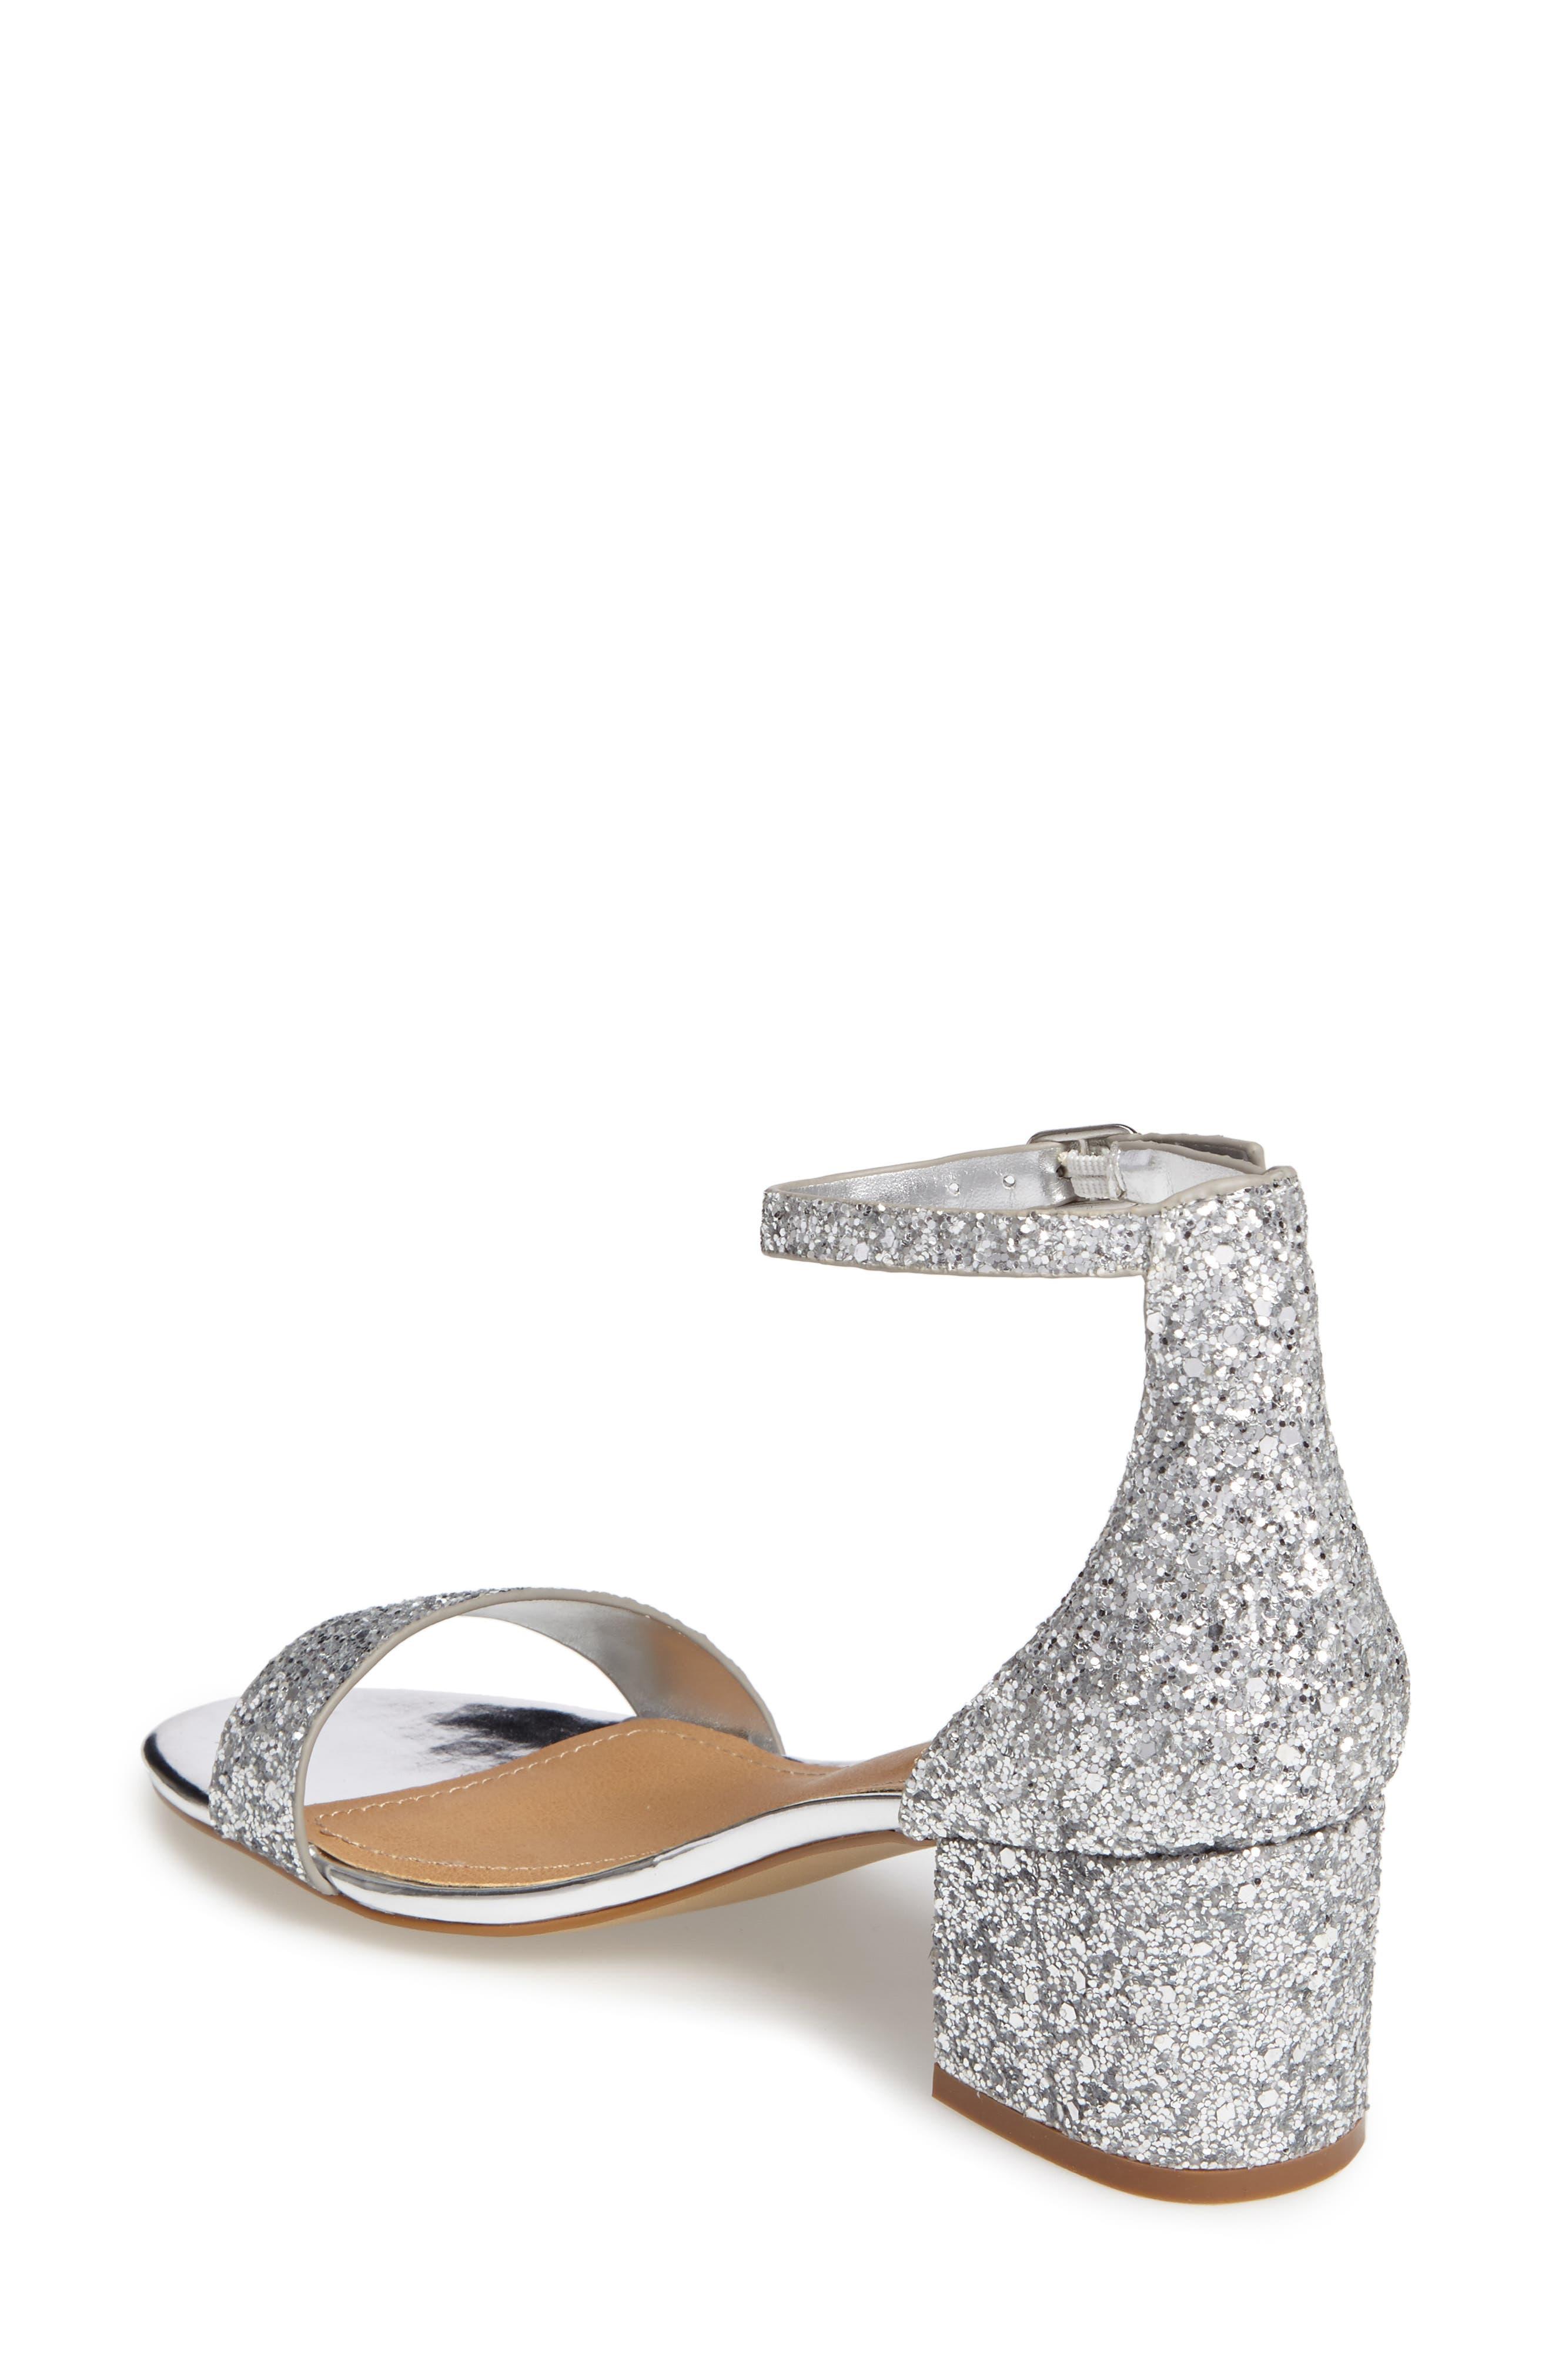 Irenee Ankle Strap Sandal,                             Alternate thumbnail 75, color,